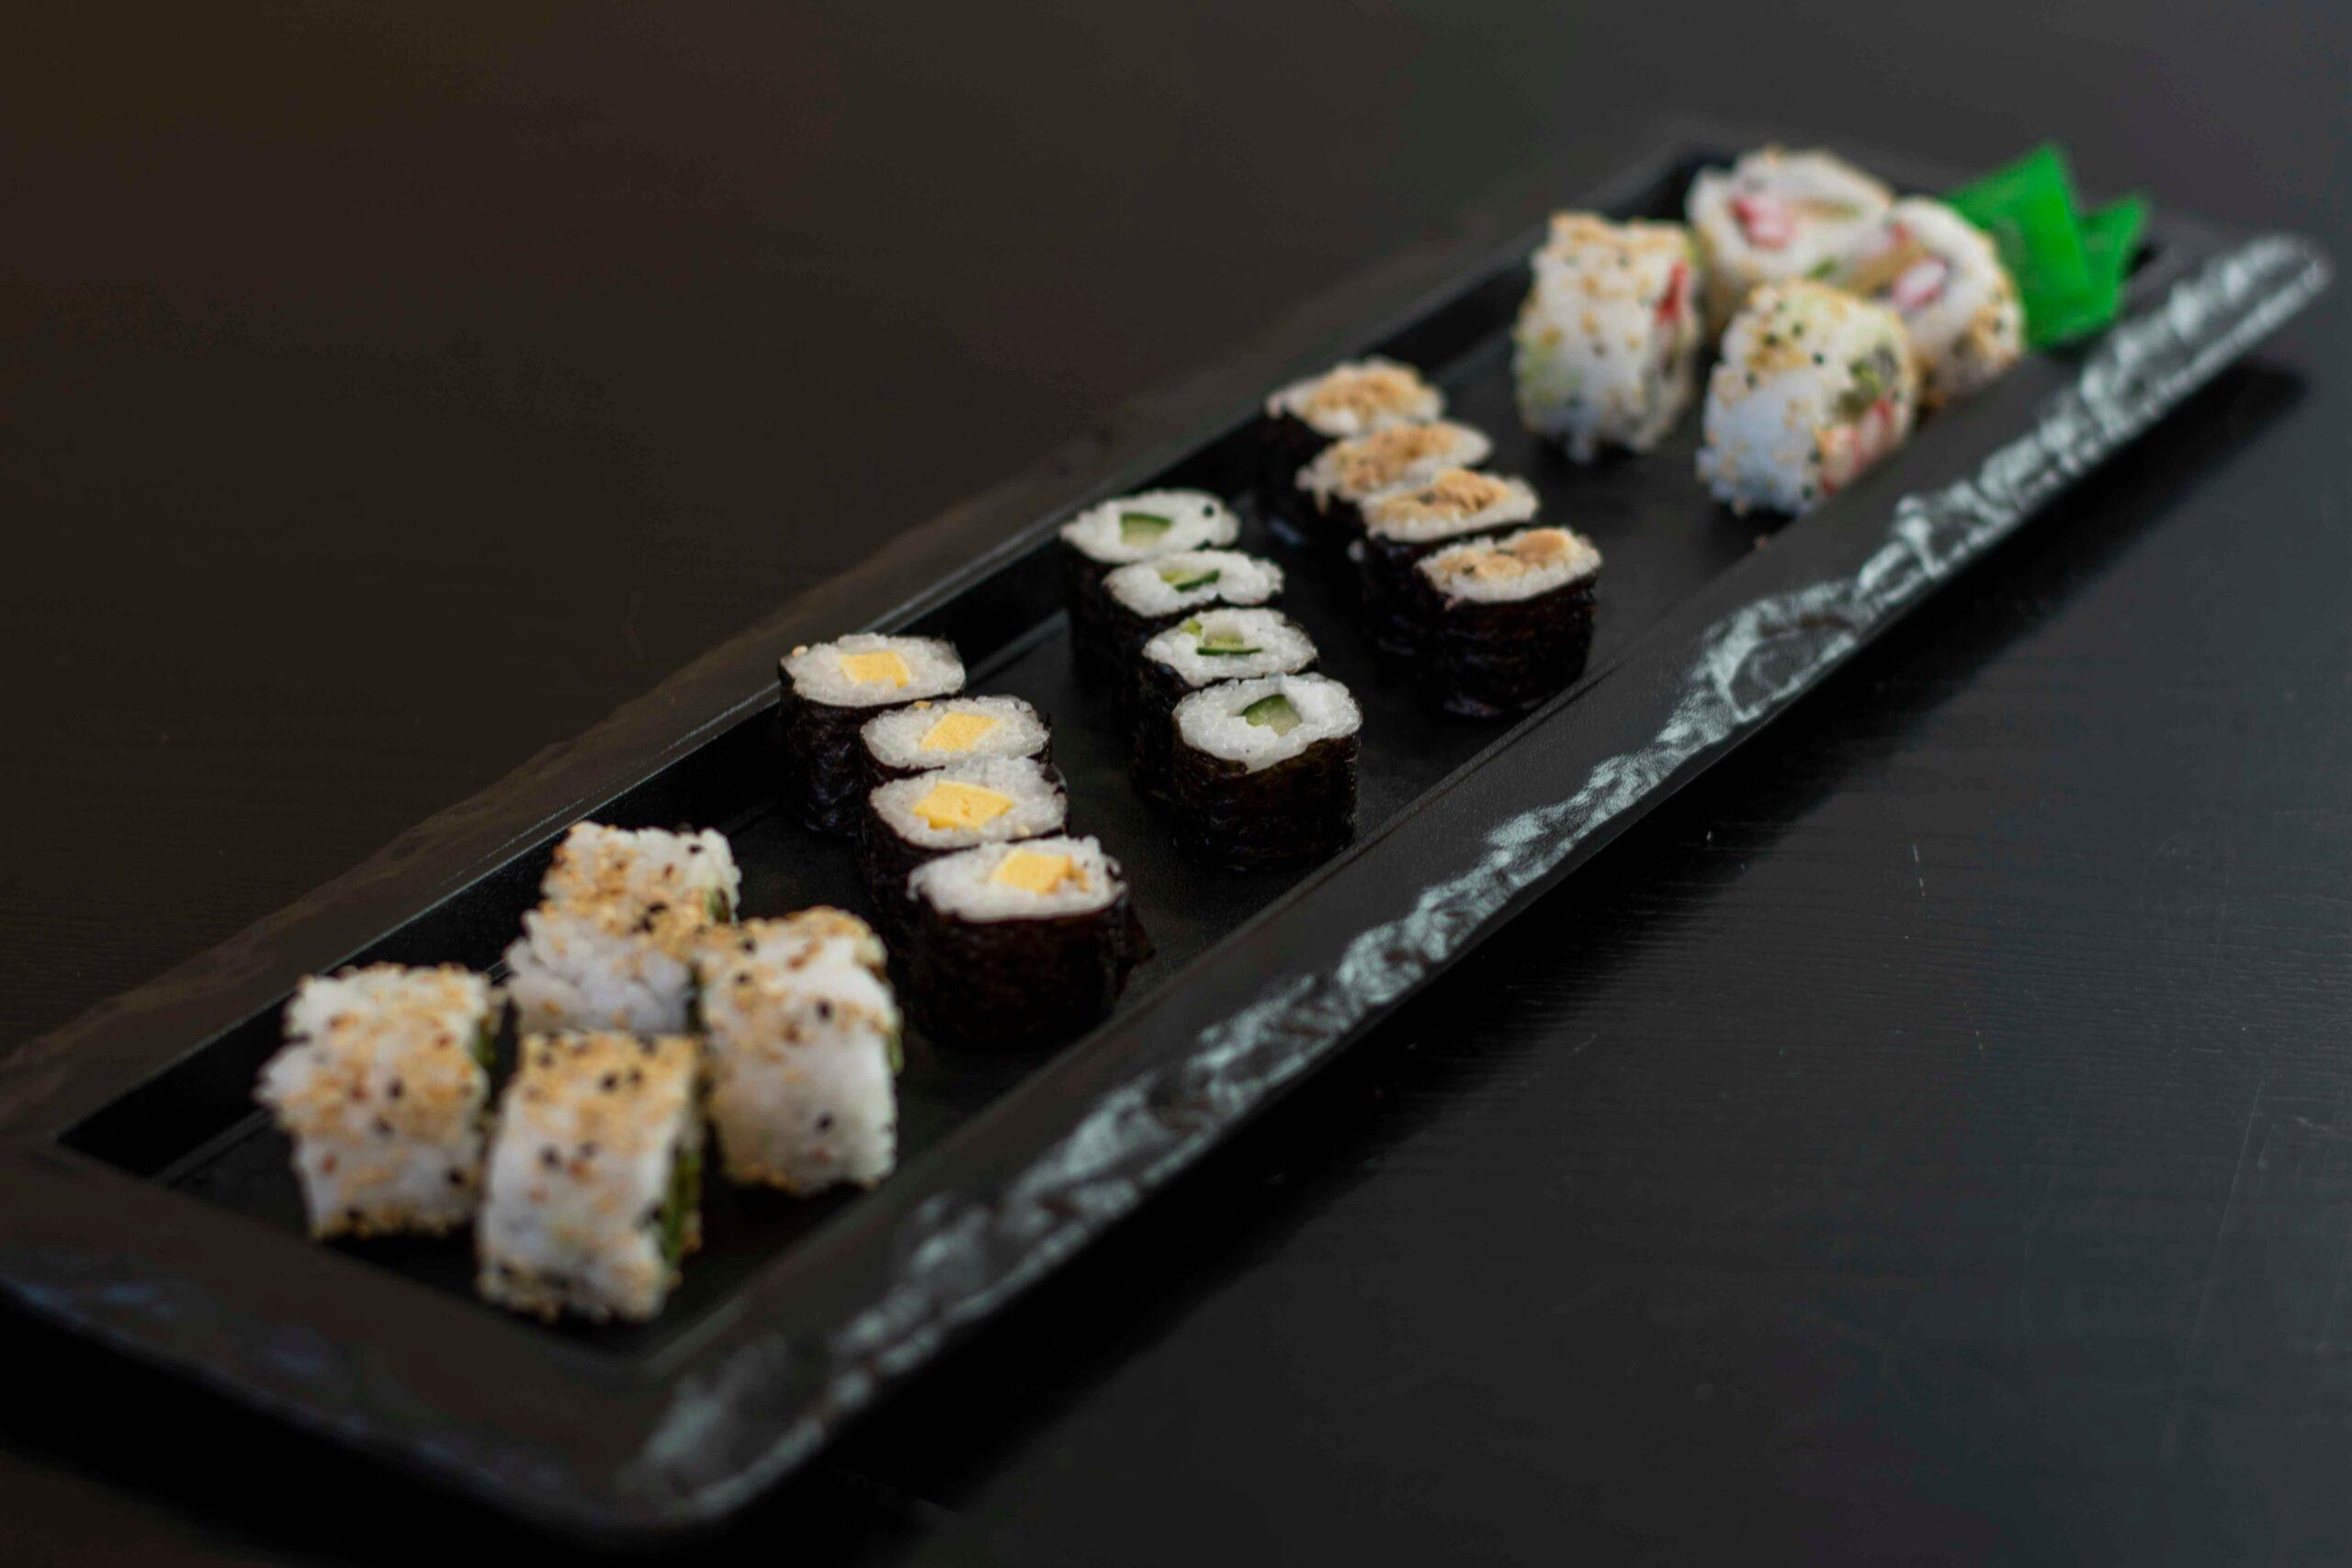 Visaanhuisbezorgd kleine sushi schaal